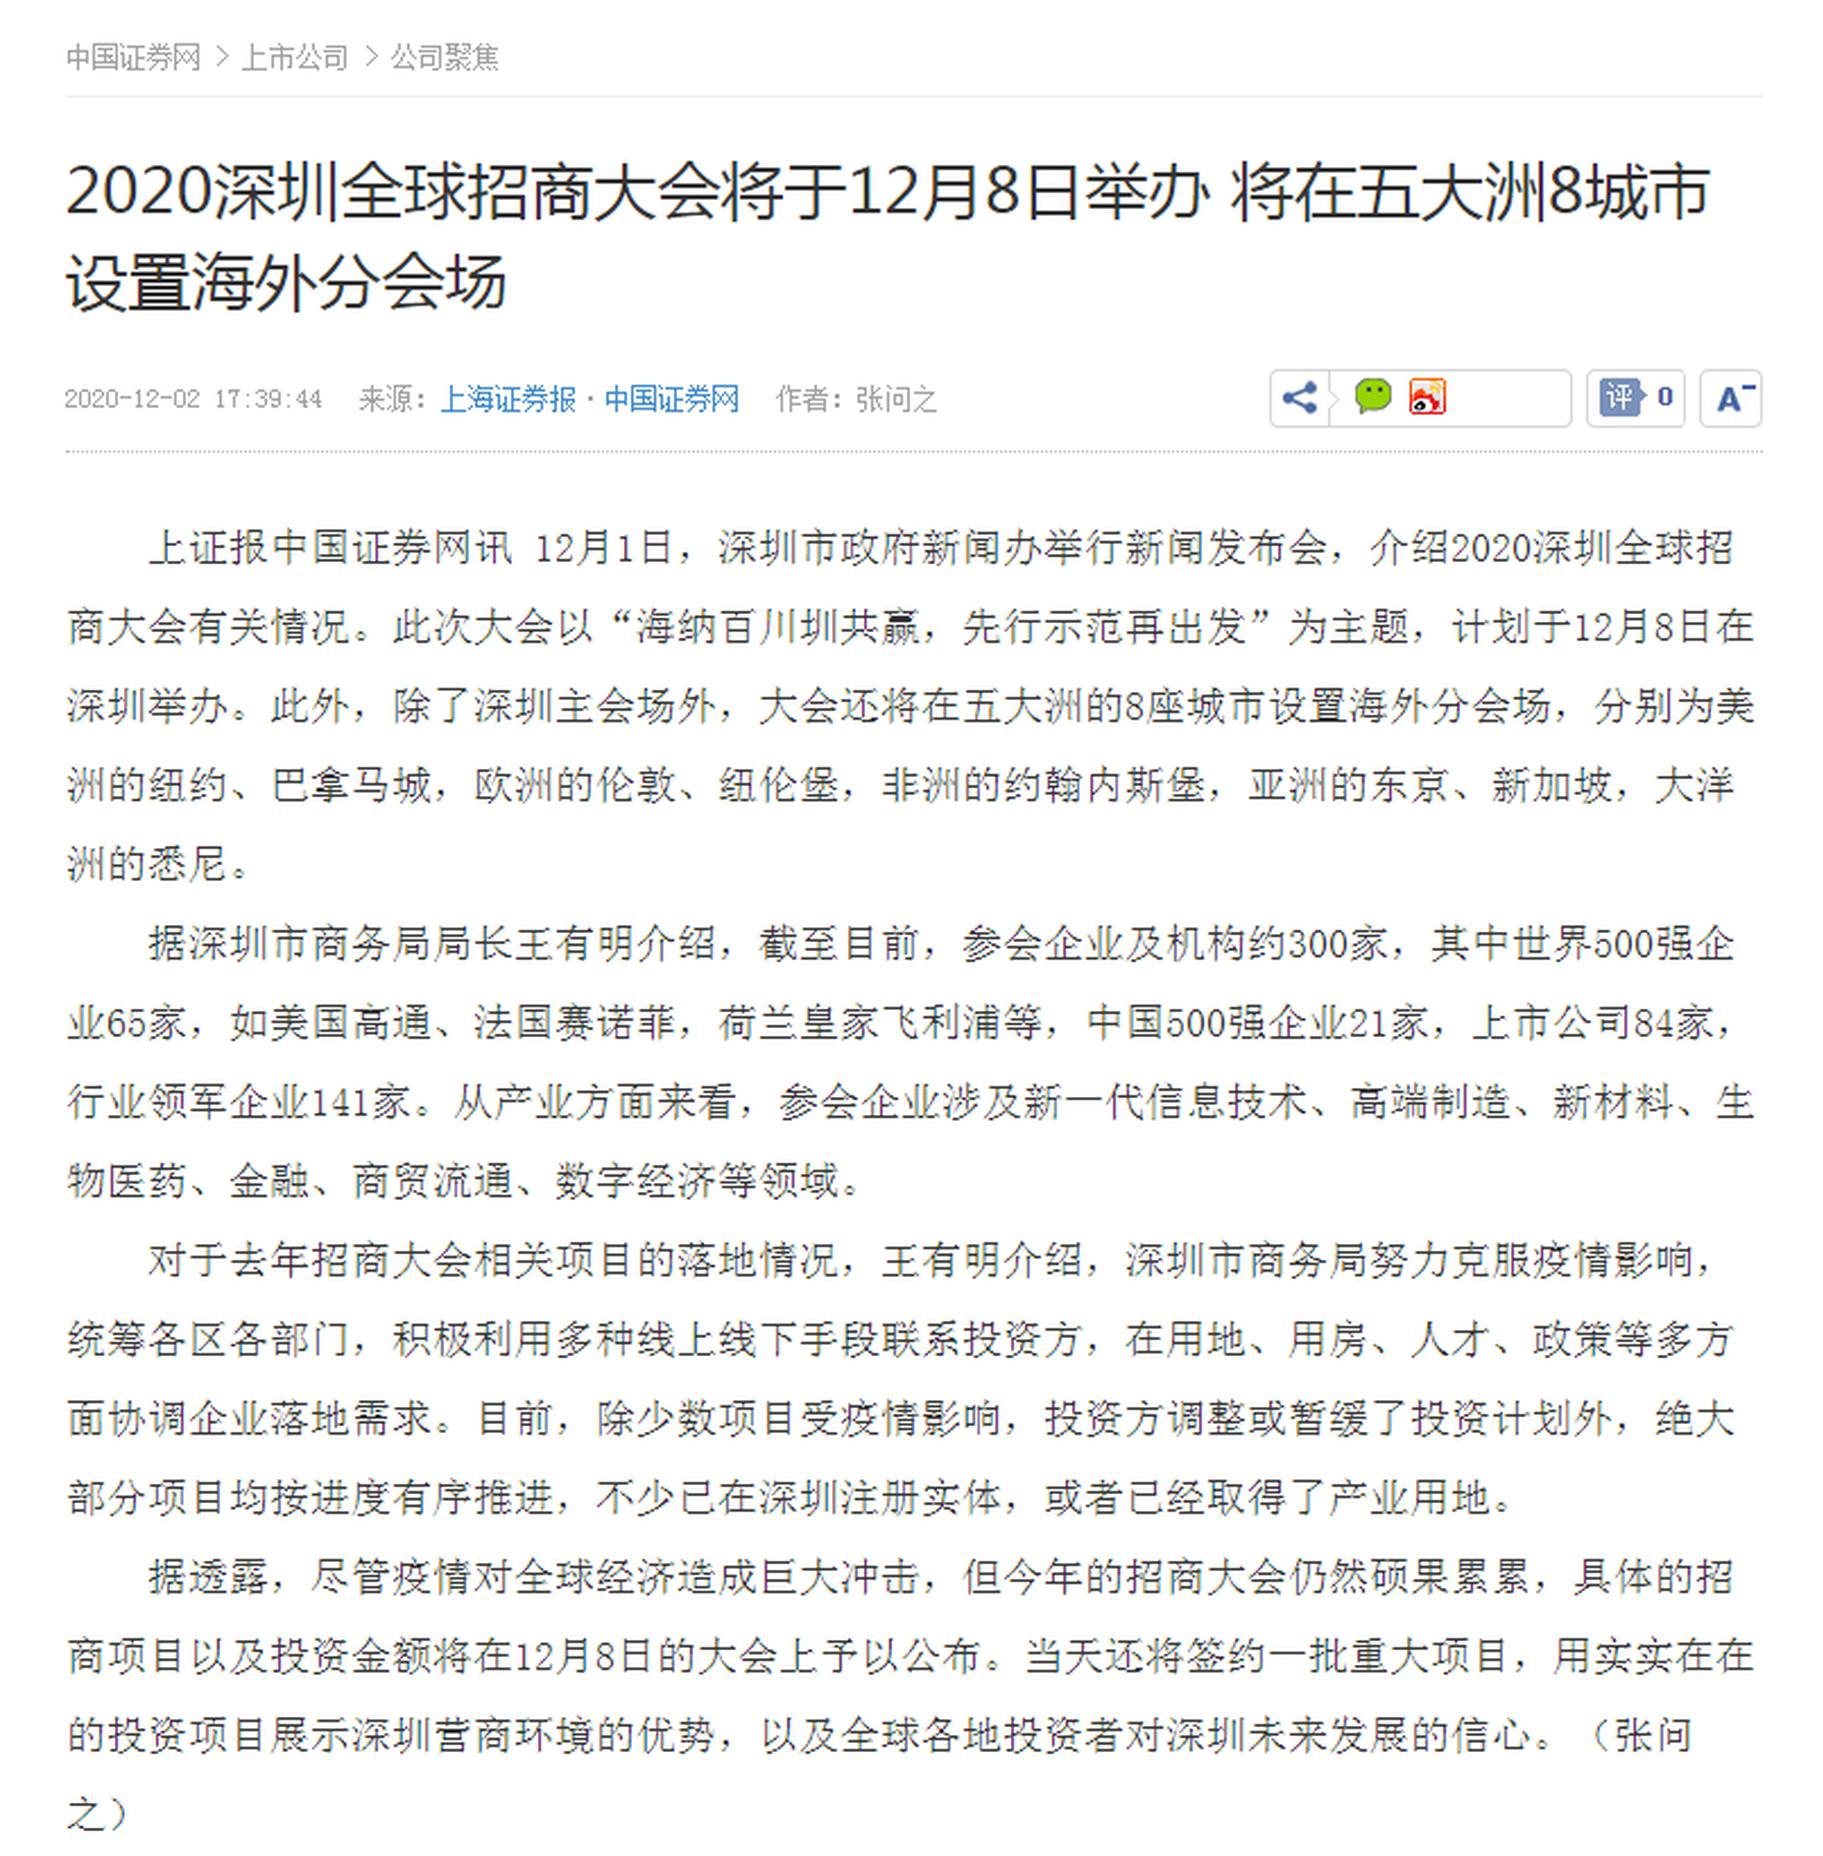 2020深圳全球招商大会将于12月8日举办 将在五大洲8城市设置海外分会场